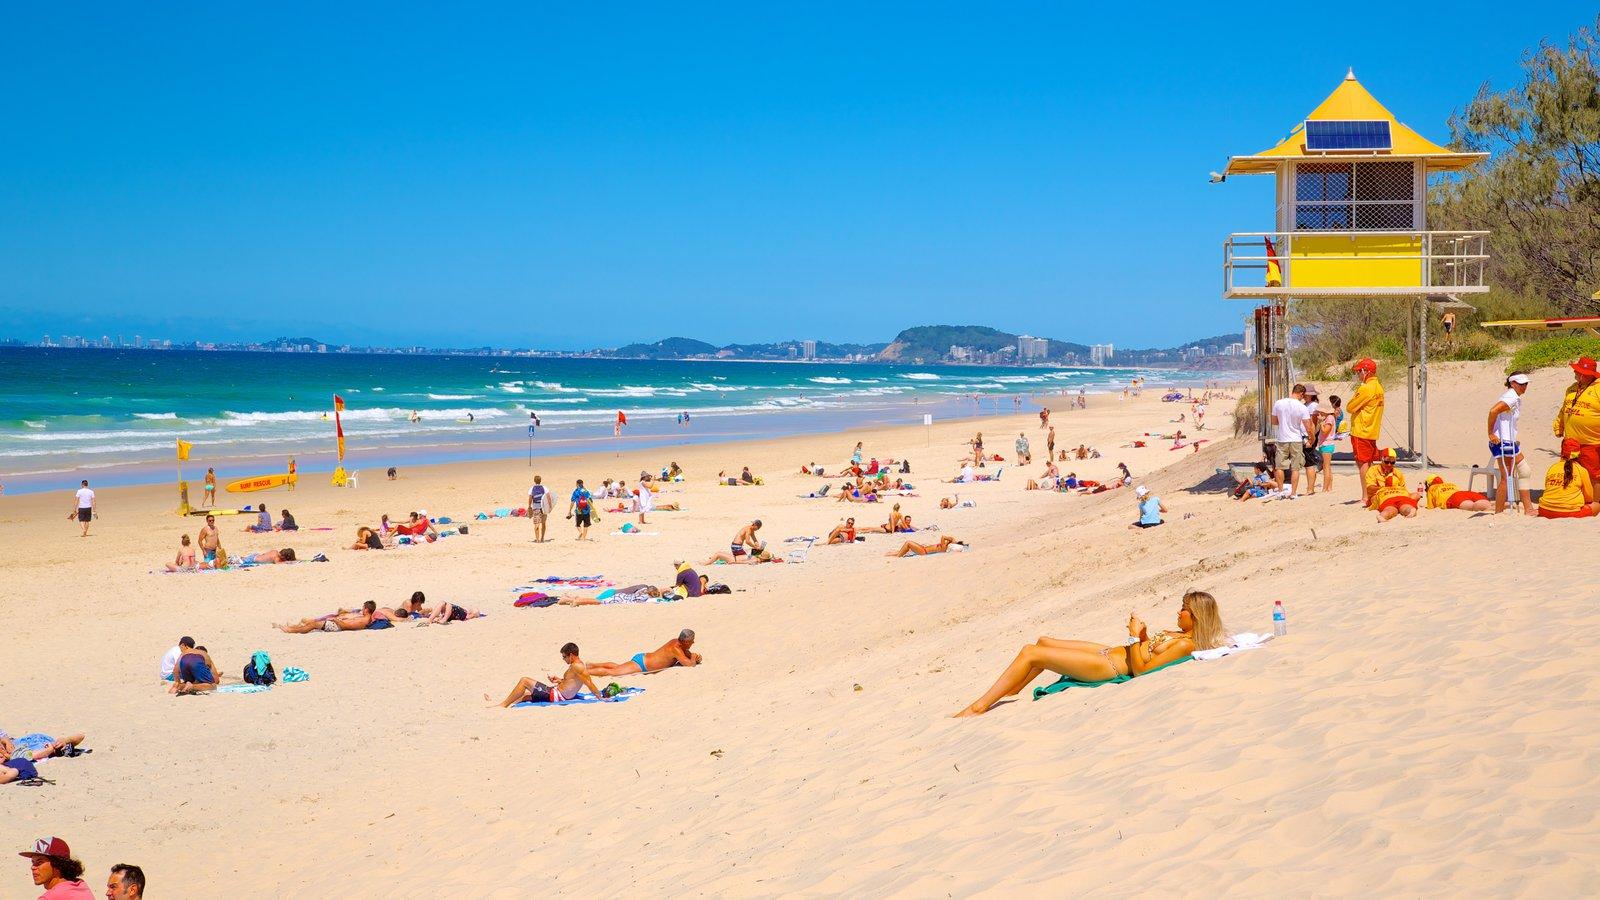 Kurrawa Beach que incluye vistas generales de la costa y una playa de arena